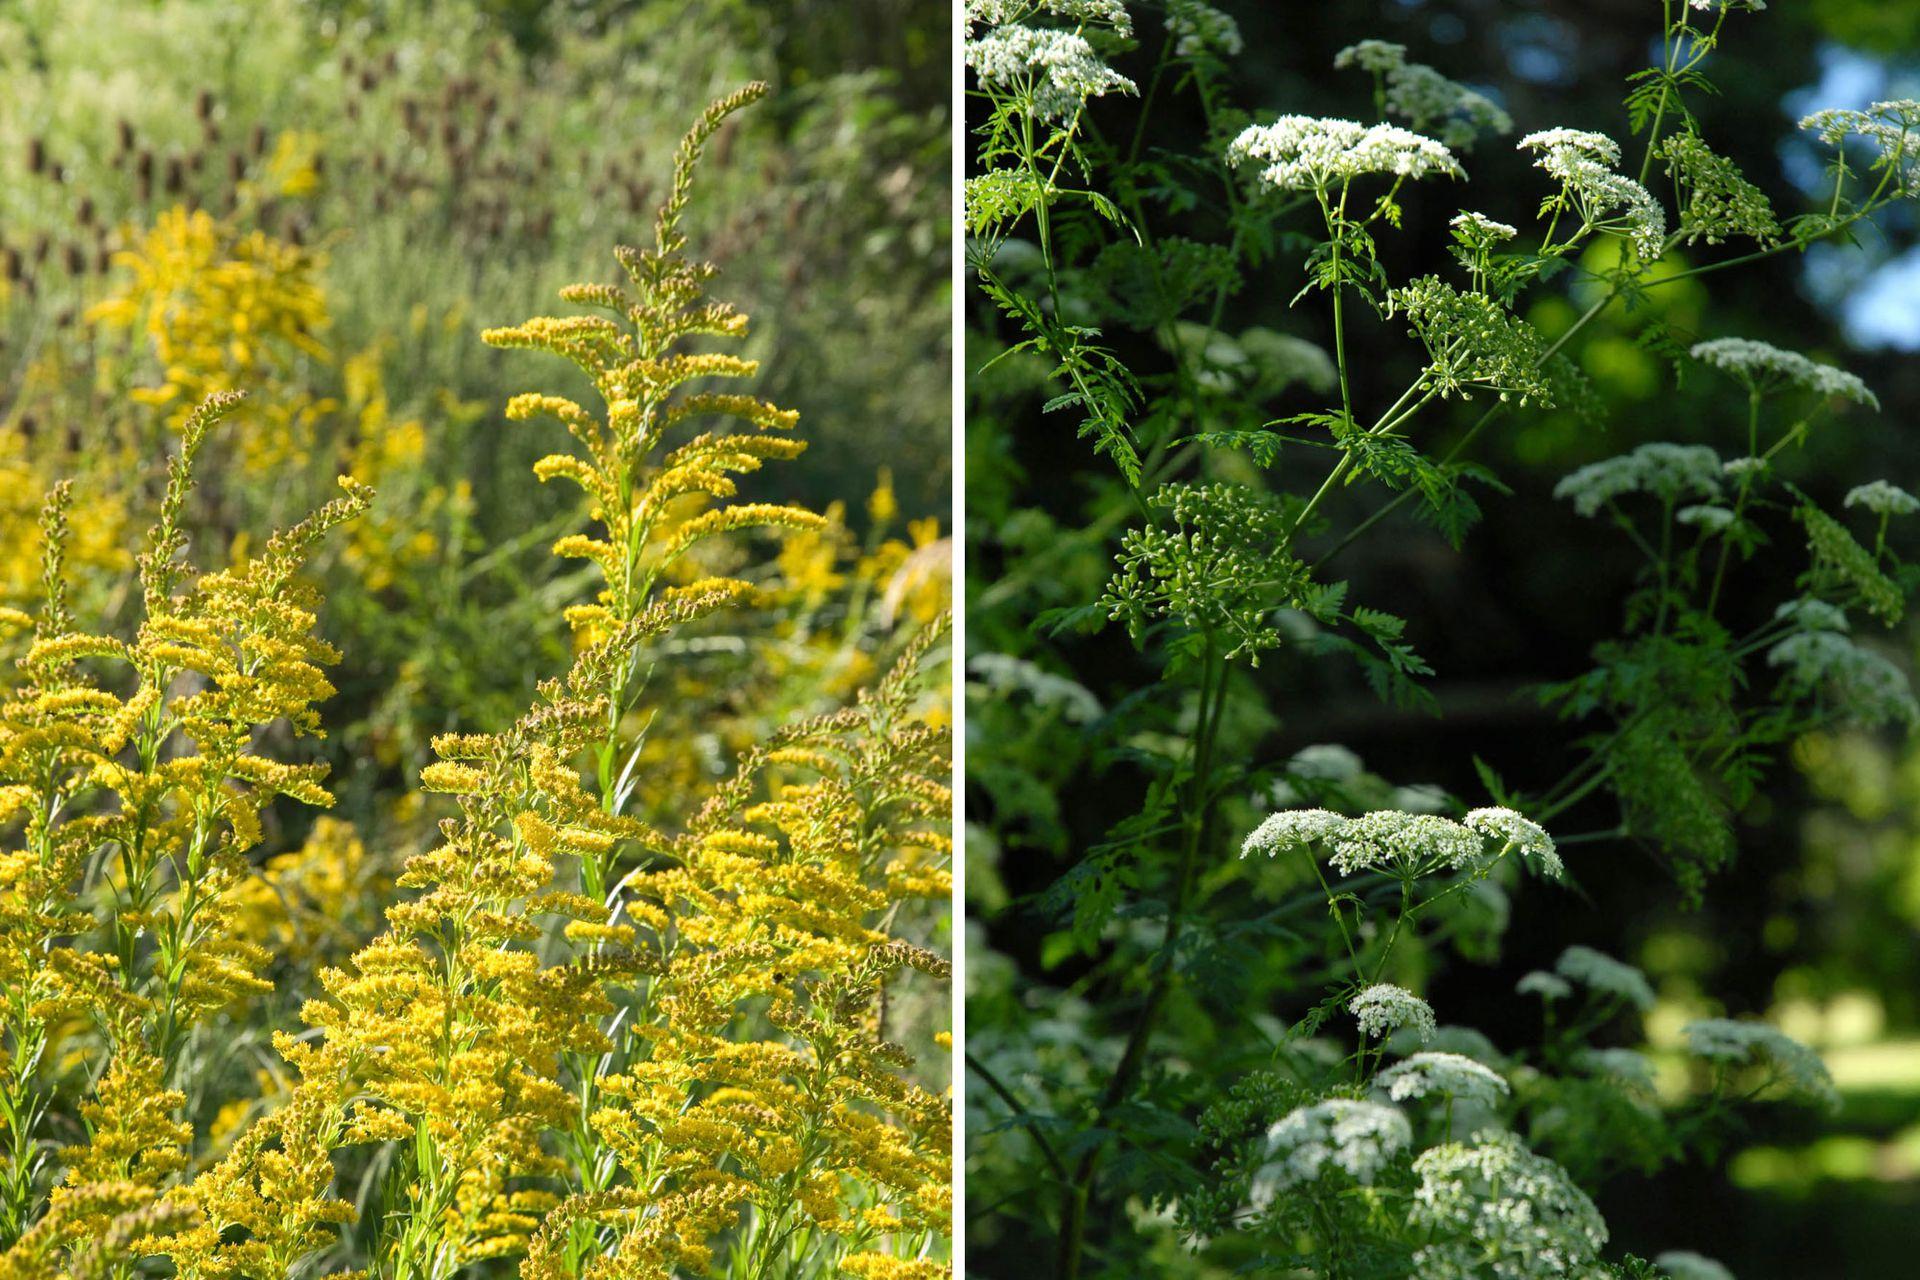 Izquierda: Solidago chilensis (vara de oro). Planta de tallos erguidos. Sus flores se presentan en racimos terminales de color amarillo fuerte. Florece en verano avanzado y se multiplica fácilmente por semillas. Derecha: Ammi majus (falsa biznaga). Planta de tallos erguidos y muy ramificados que pueden llegar a medir 1 m de altura. Tiene hojas alternas y sus flores son blancas, agrupadas en inflorescencias y aparecen en verano. Se multiplica por semillas.